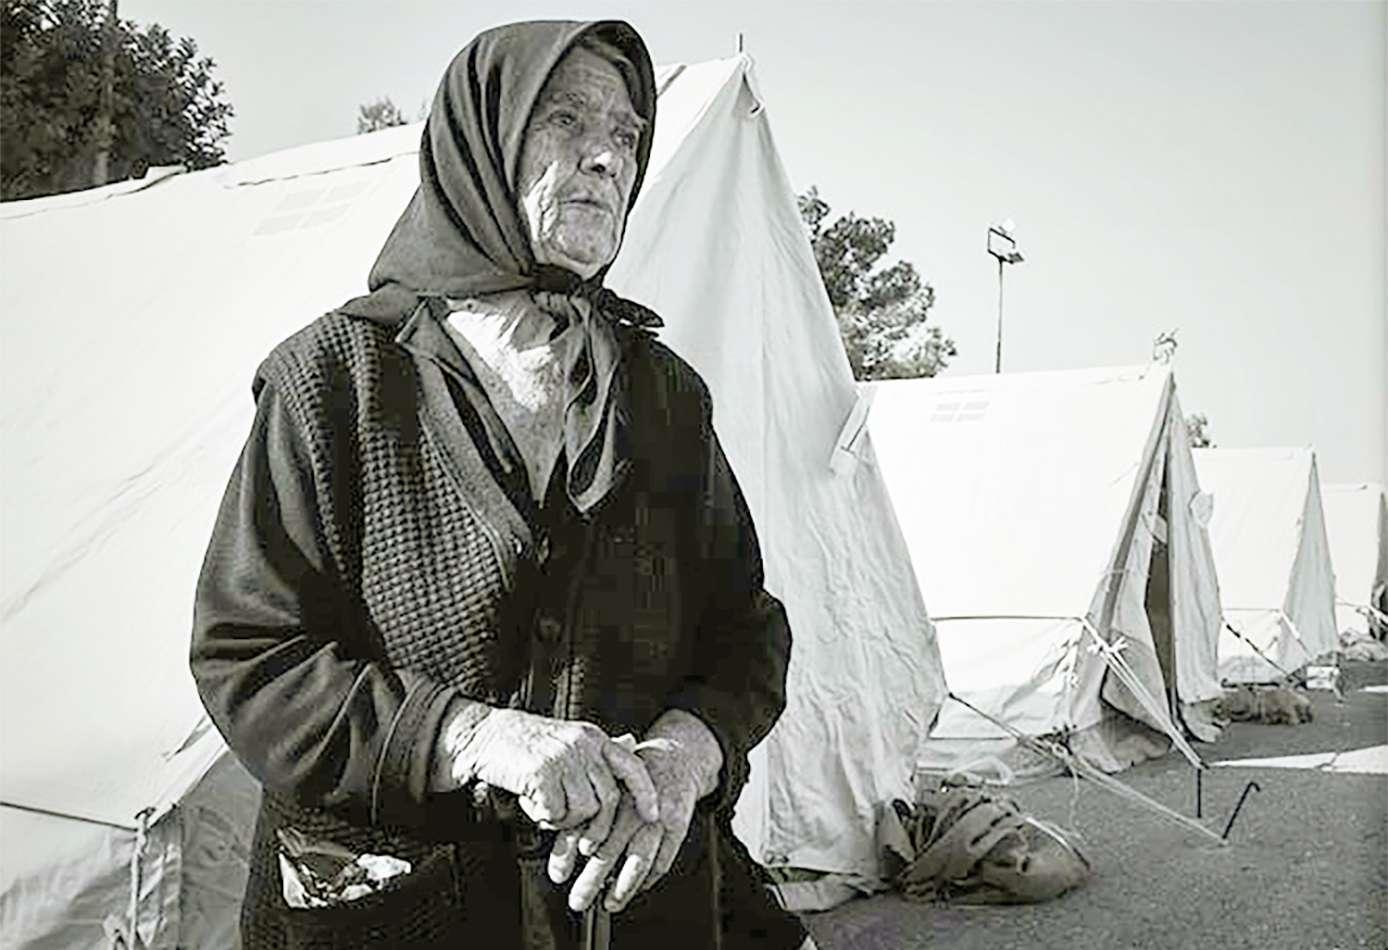 Σεισμός μ' ένα παράταιρο δάκρυ σαν κόμπος λιβάνι